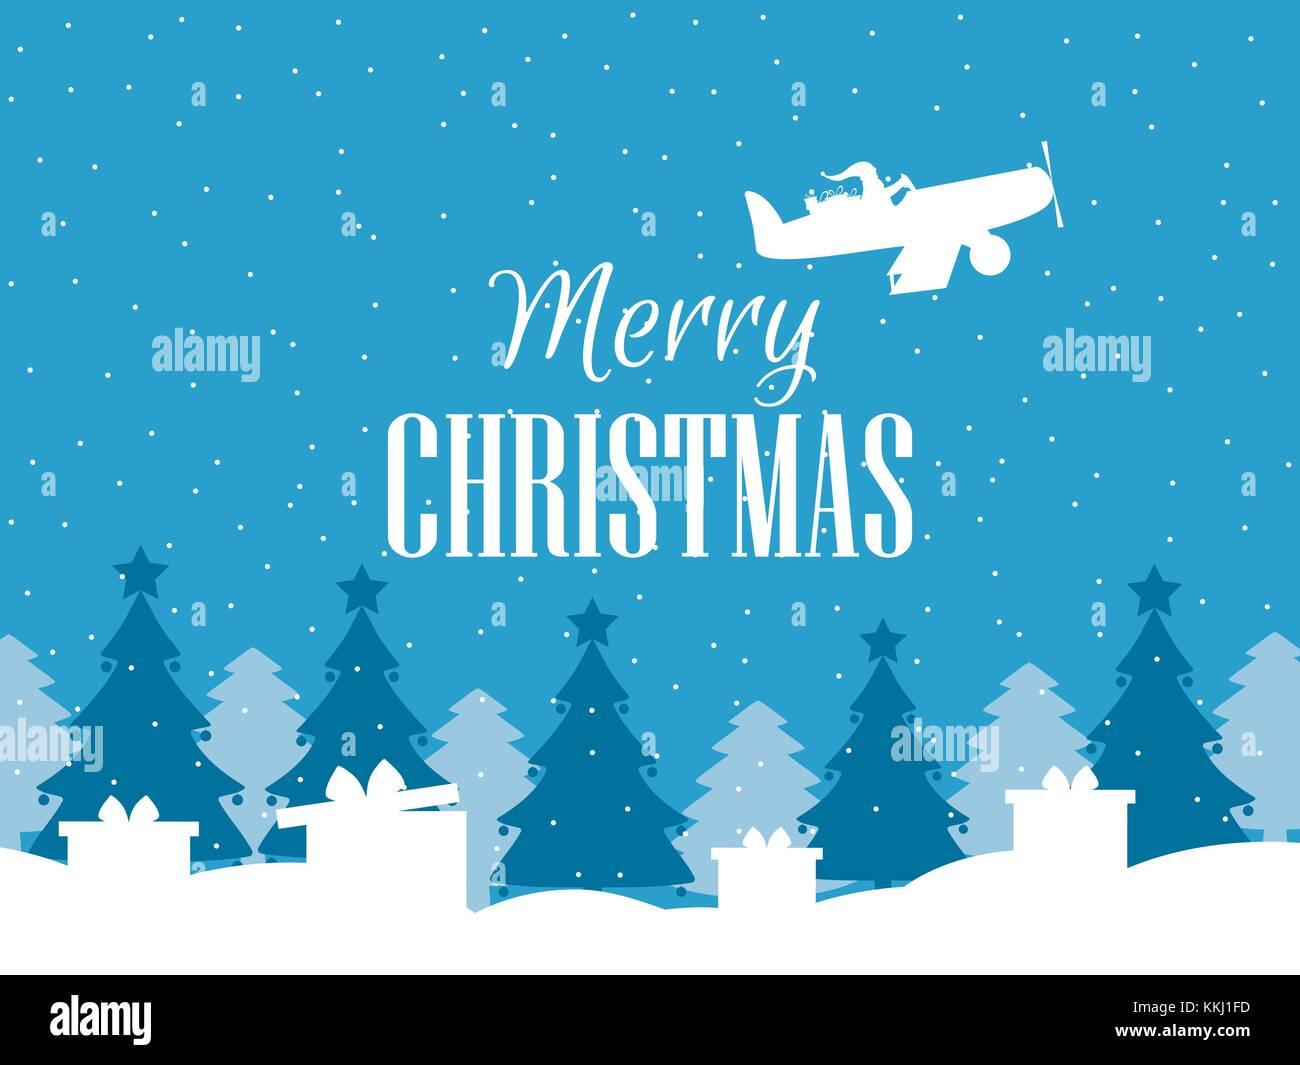 Frohe Weihnachten Flugzeug.Frohe Weihnachten Santa Claus Fliegen In Einem Flugzeug Und